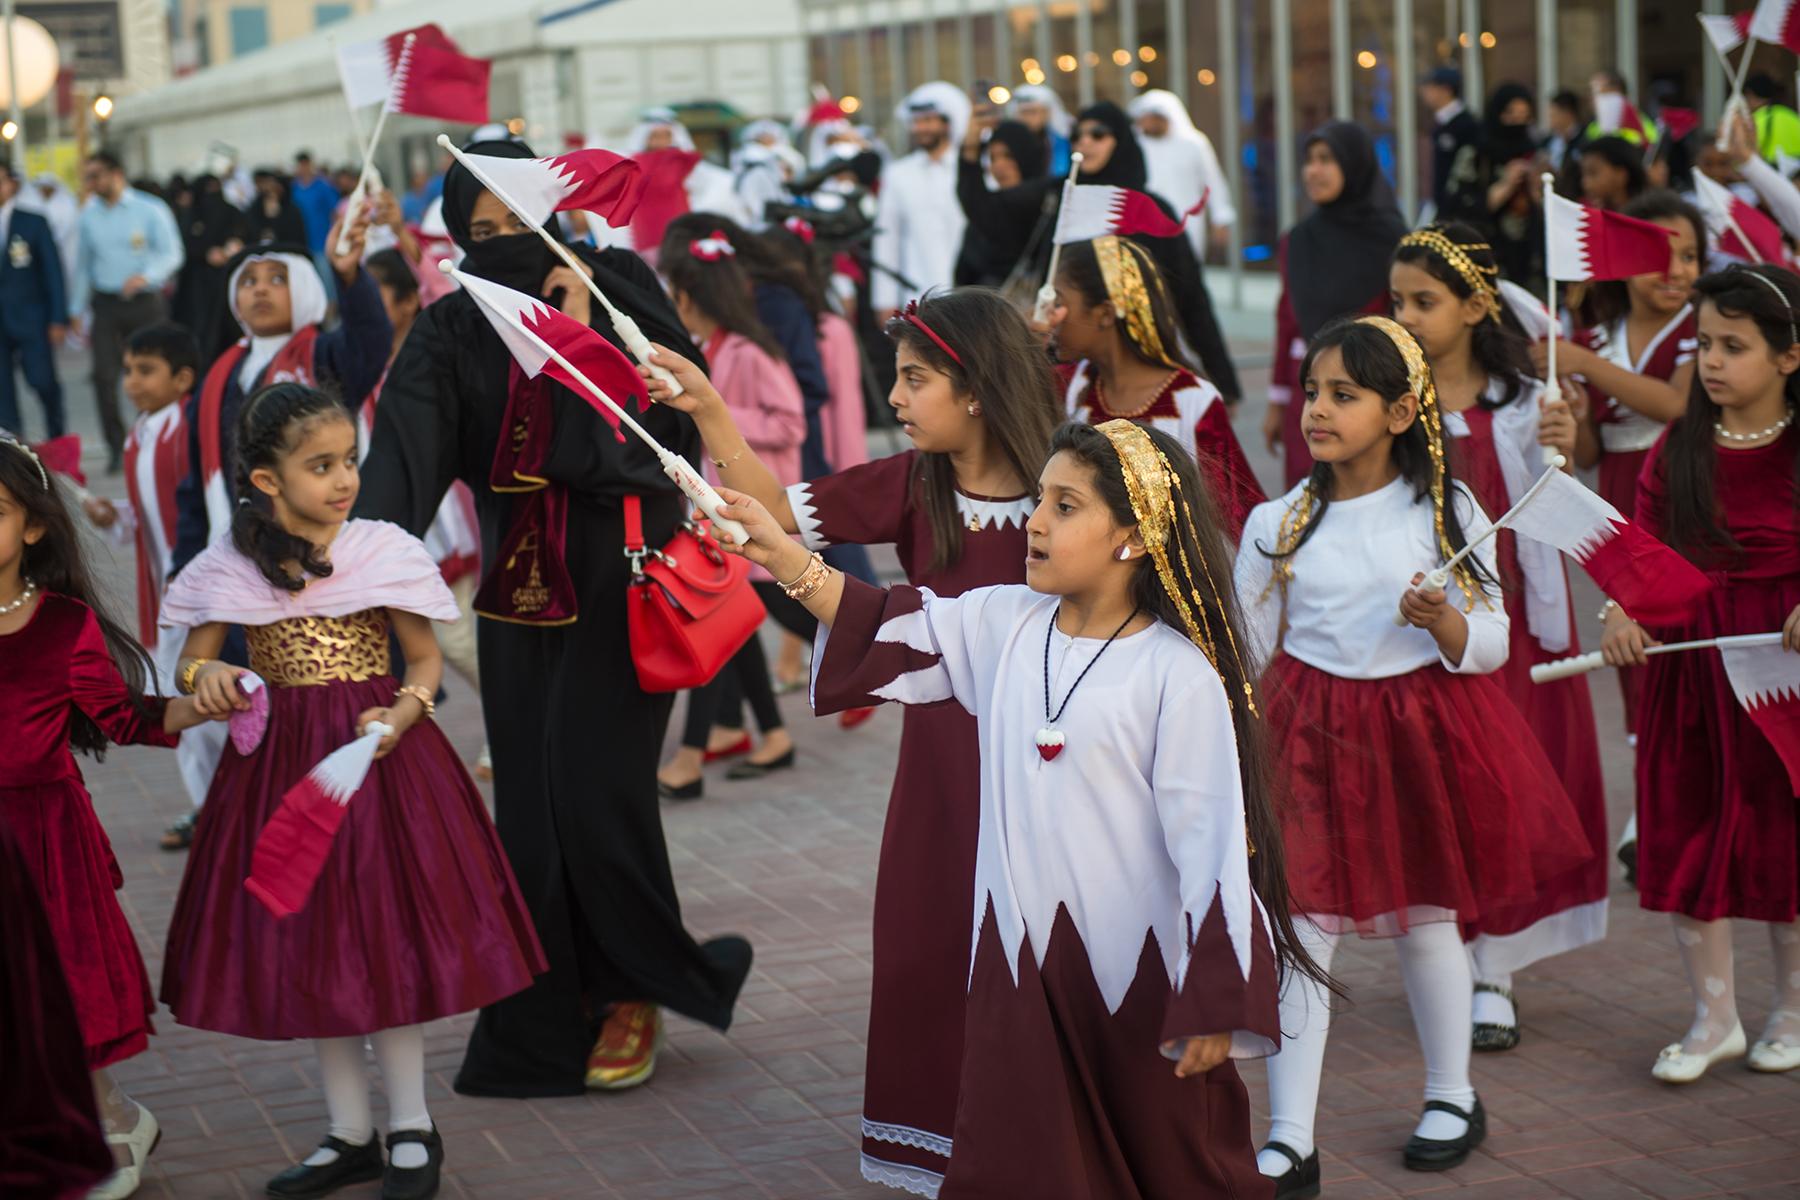 Children celebrate Qatar national day